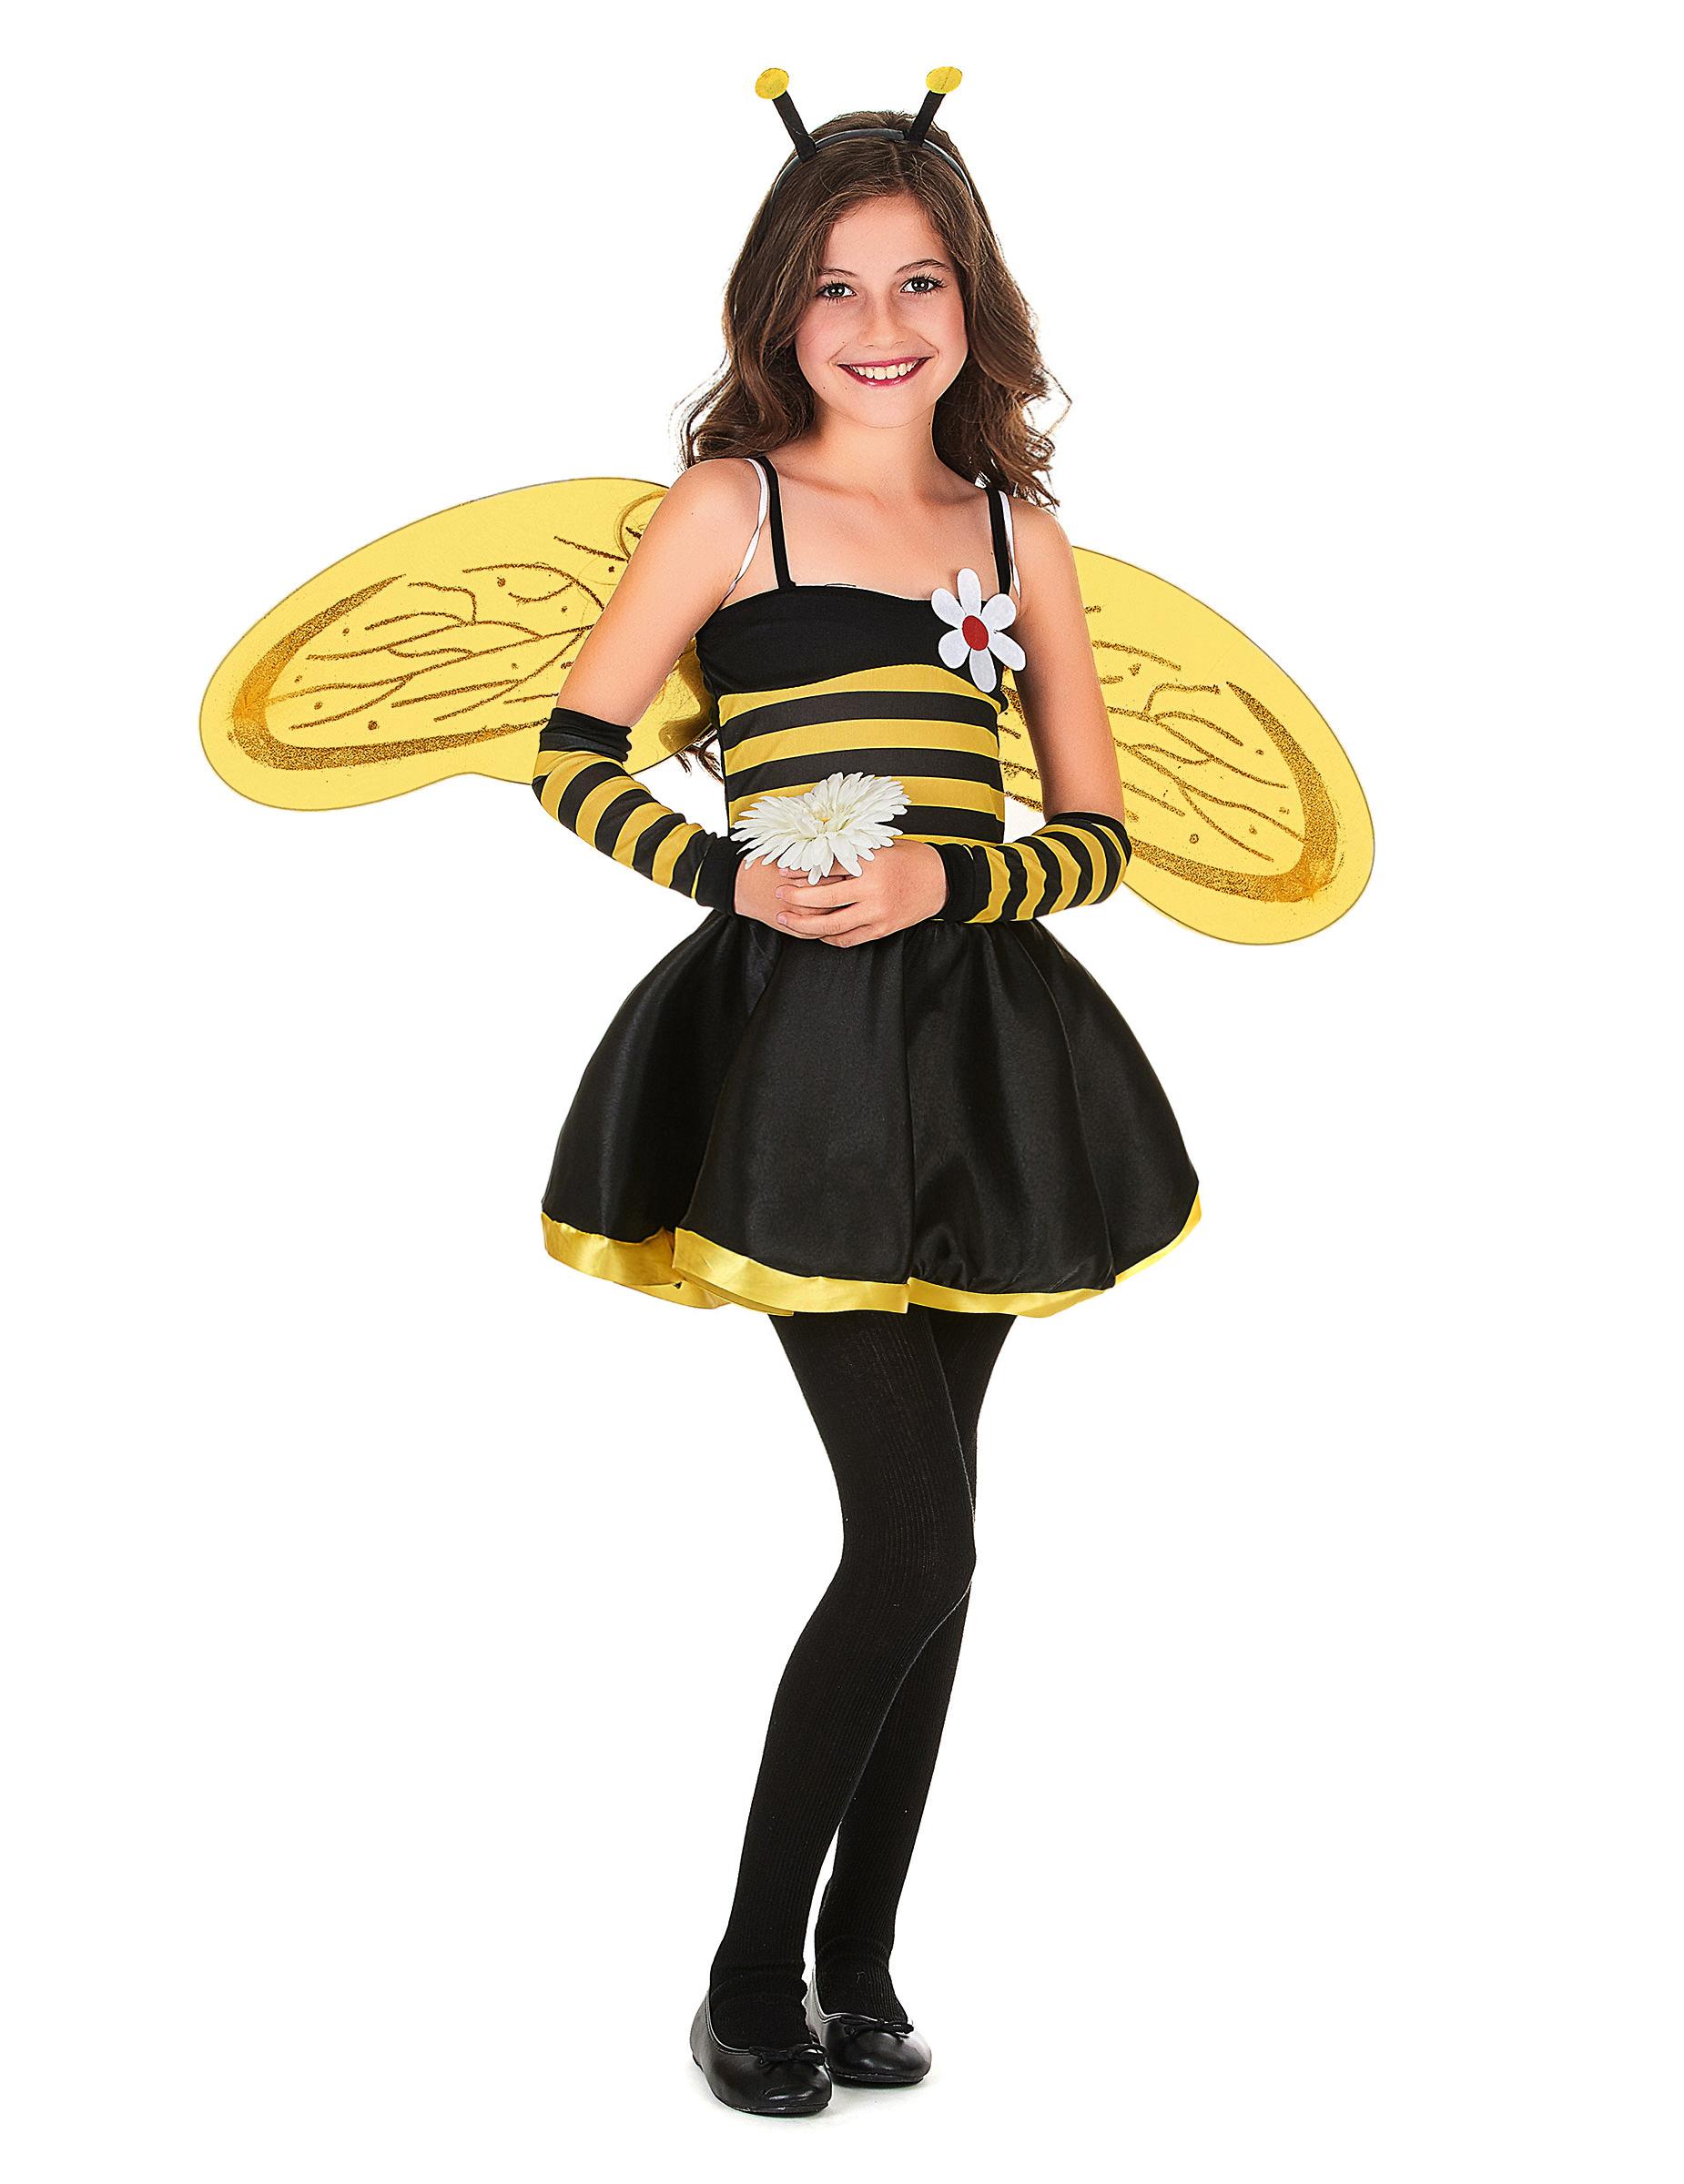 Susse Kleine Biene Kinderkostum Gelb Schwarz Gunstige Faschings